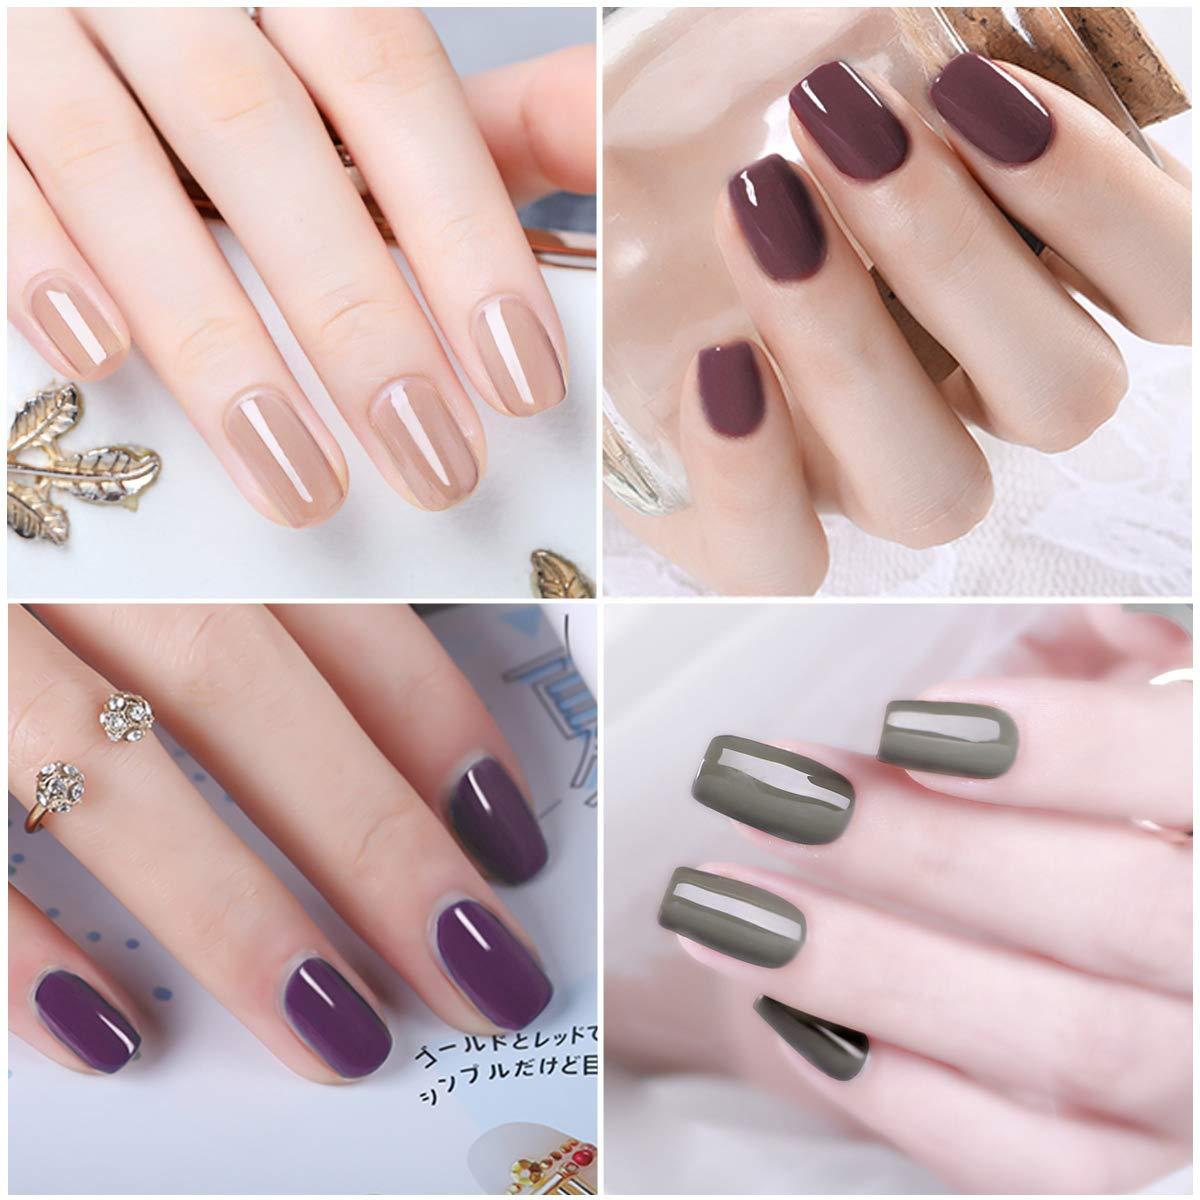 Saviland - Juego de esmaltes de uñas en gel (6 colores): Amazon.es: Belleza